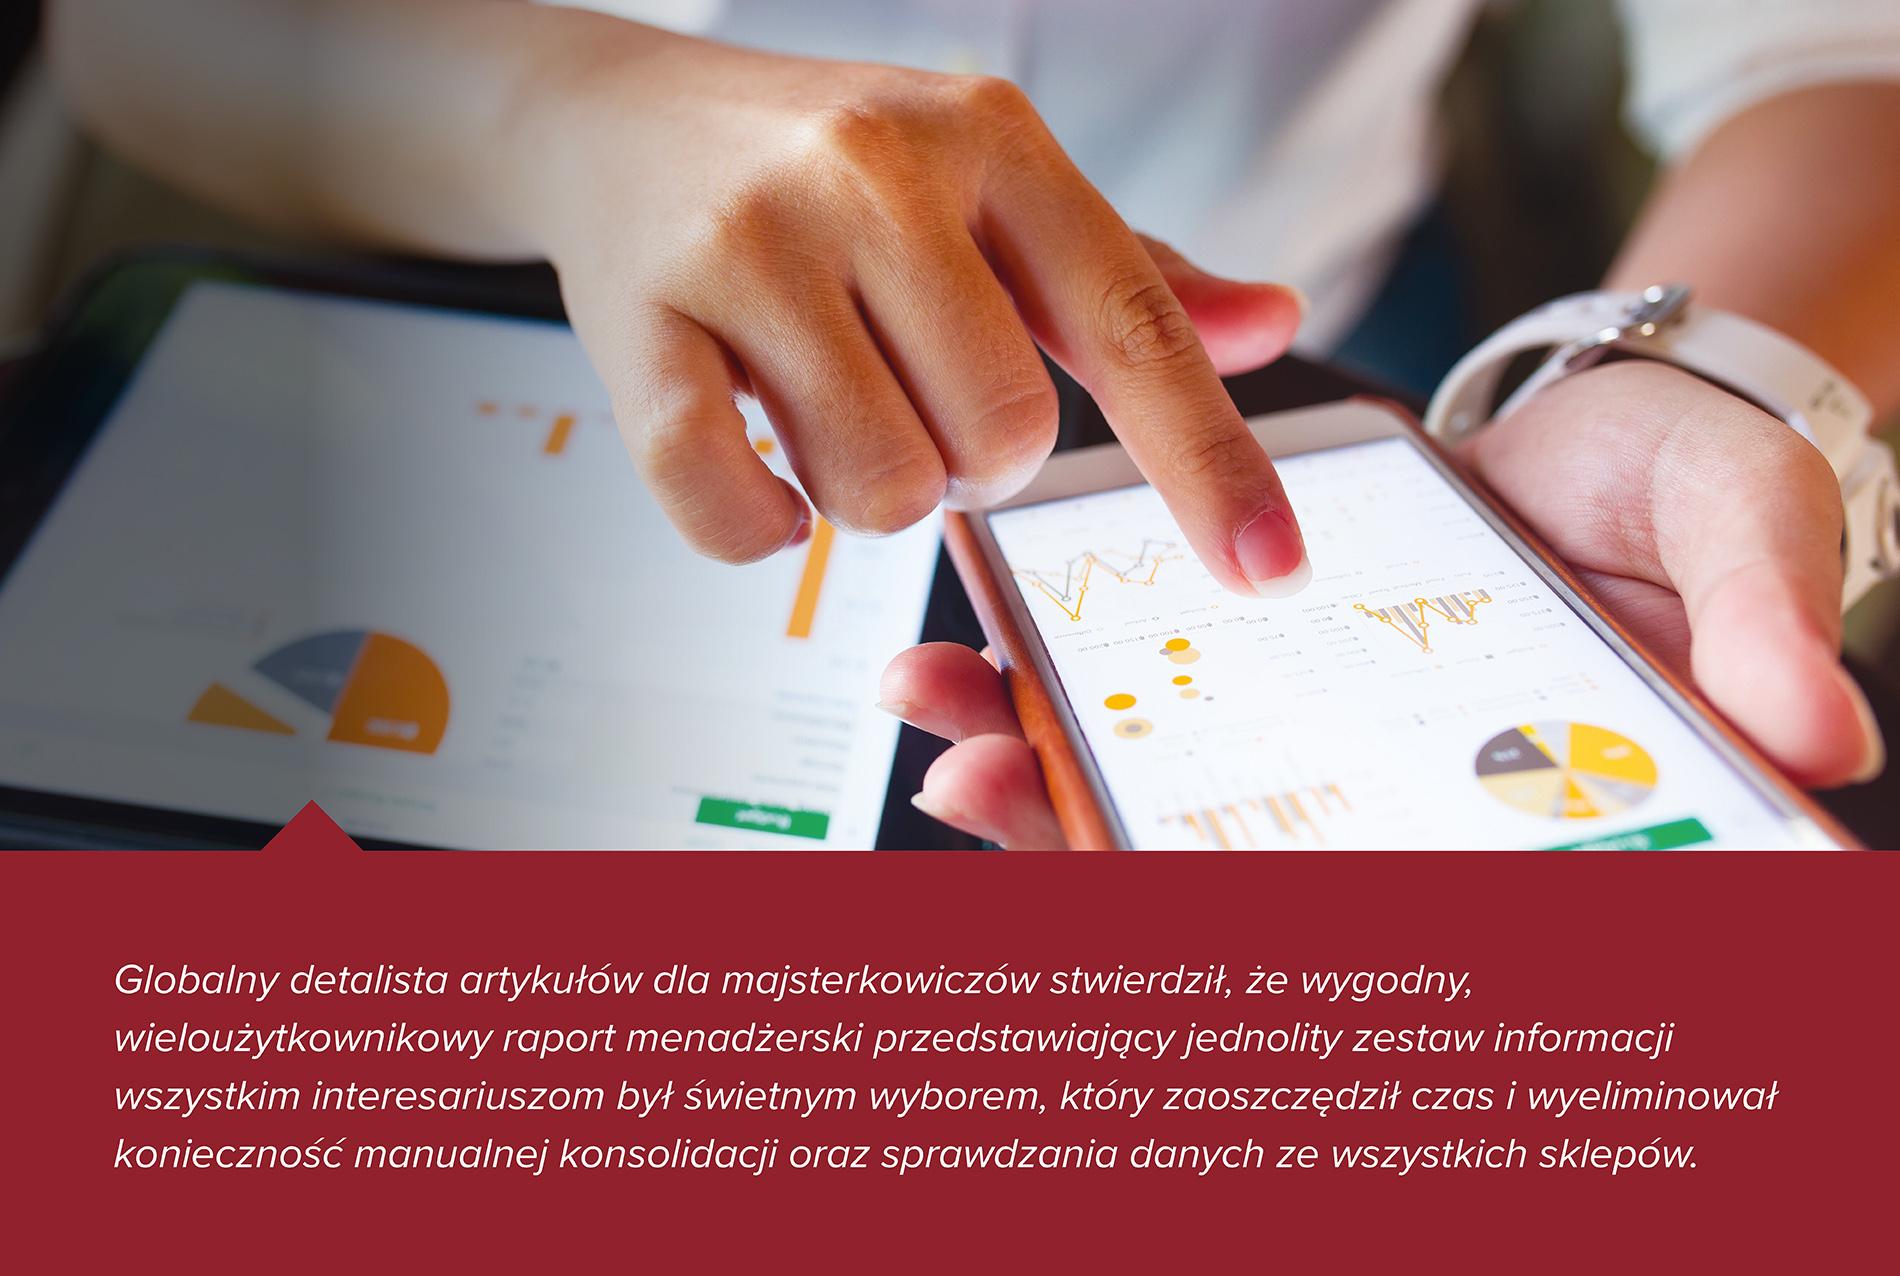 Studium przypadku dotyczące konsolidacji danych inwentaryzacyjnych